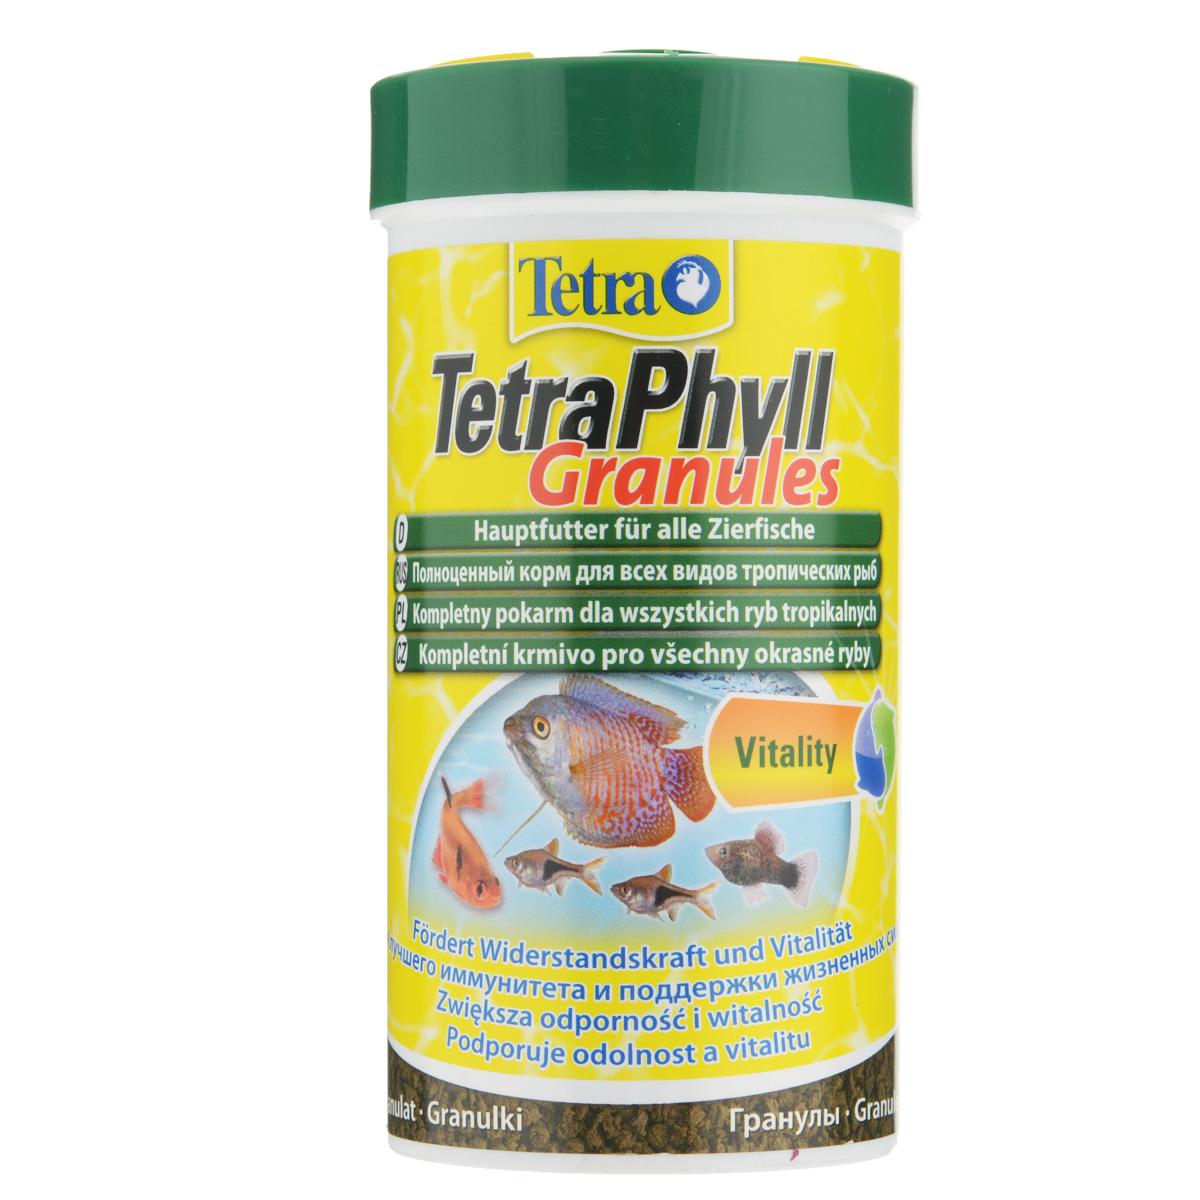 Корм сухой TetraPhyll Granules для всех видов аквариумных тропических рыб, в виде гранул, 250 мл139893Корм TetraPhyll Granules - это биологически сбалансированное питание для здоровых и ярких рыб. Превосходная смесь со специальным комплексом растительных ингредиентов обеспечивает полноценное питание рыб и подходит для ежедневного кормления. Особенности TetraPhyll Granules: высокое содержание растительных компонентов способствует улучшению здоровья и поддержанию жизненных сил любых видов тропических рыб, жизненно-необходимые волокна стимулируют пищеварение, что особенно необходимо травоядным рыбам. Рекомендации по кормлению: кормите несколько раз в день маленькими порциями. Характеристики: Состав: рыба и побочные рыбные продукты, экстракты растительного белка, зерновые культуры, растительные продукты, дрожжи, моллюски и раки, масла и жиры, водоросли, минеральные вещества. Пищевая ценность: сырой белок - 39%, сырые масла и жиры - 9%, сырая клетчатка - 7%, влага - 8%. Добавки: витамины, провитамины и...